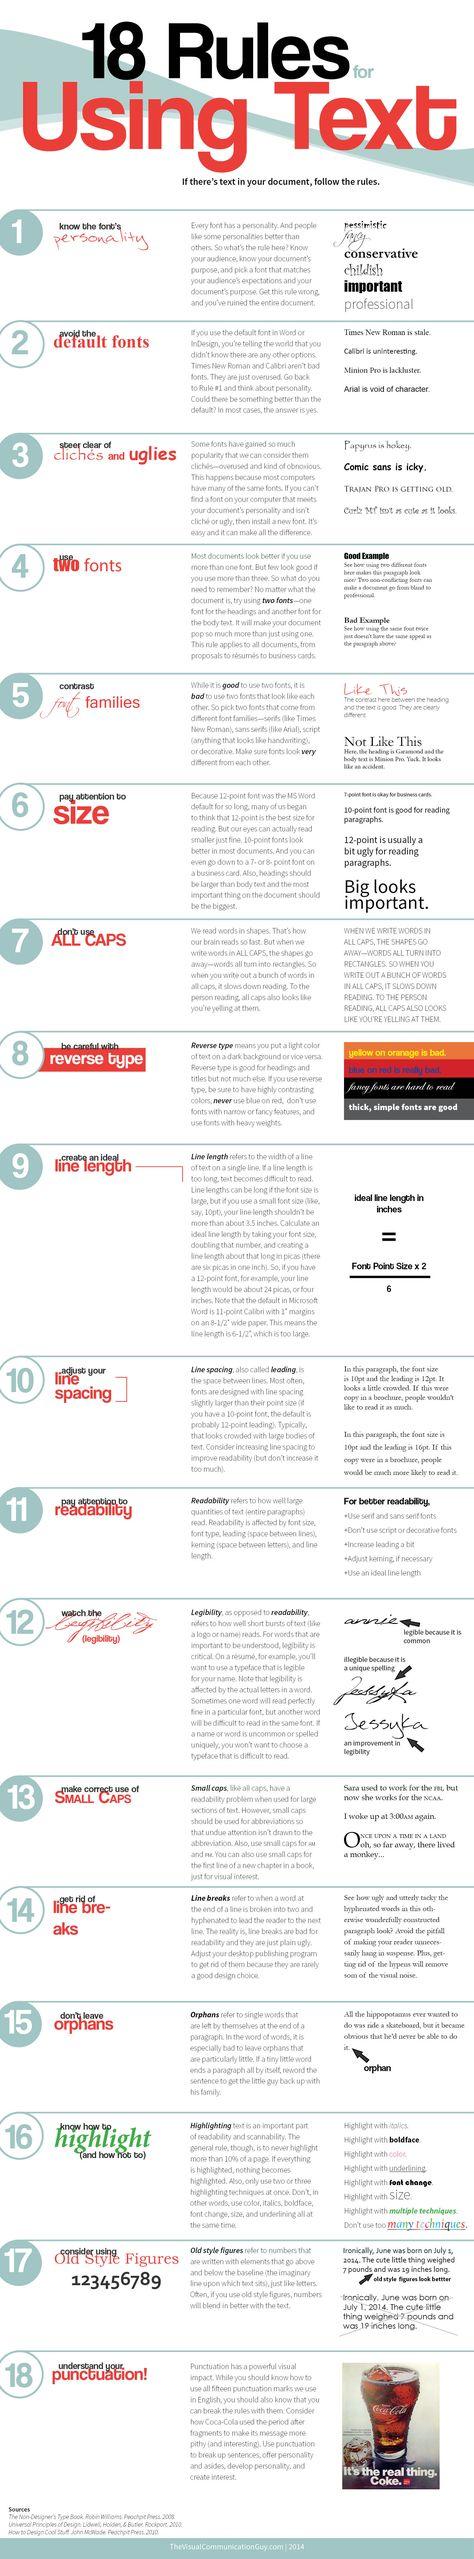 18 Rules for Using Text  | 18 reglas para usar texto #infografia #infographic #design vía: http://thevisualcommunicationguy.com